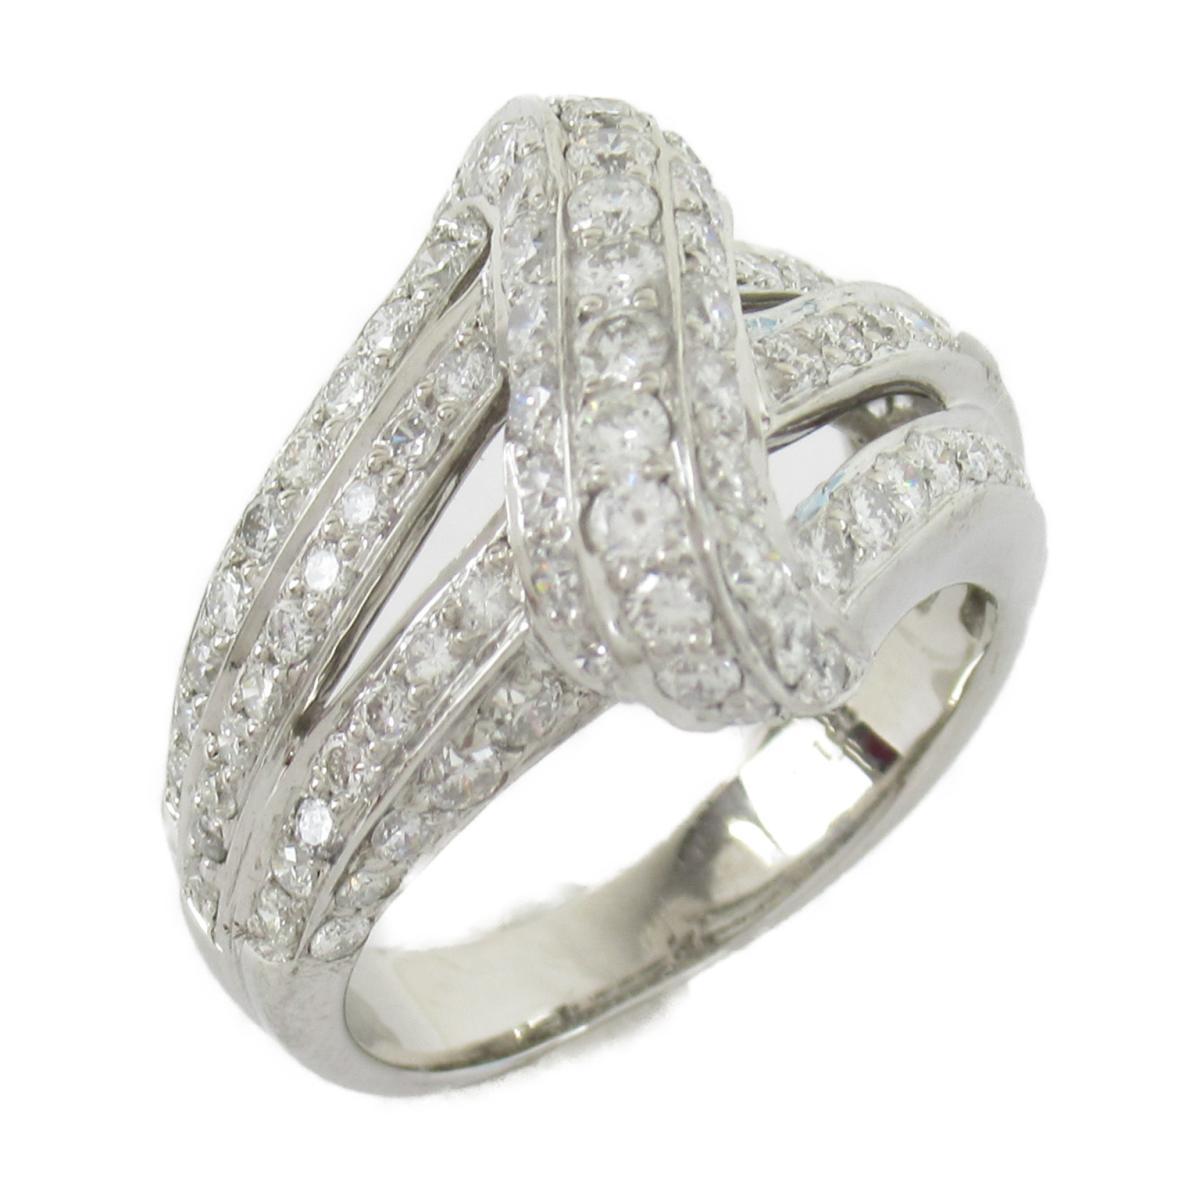 【中古】ジュエリー ダイヤモンド リング 指輪 ノーブランドジュエリー ユニセックス PT900 プラチナxダイヤモンド(1.66ct)